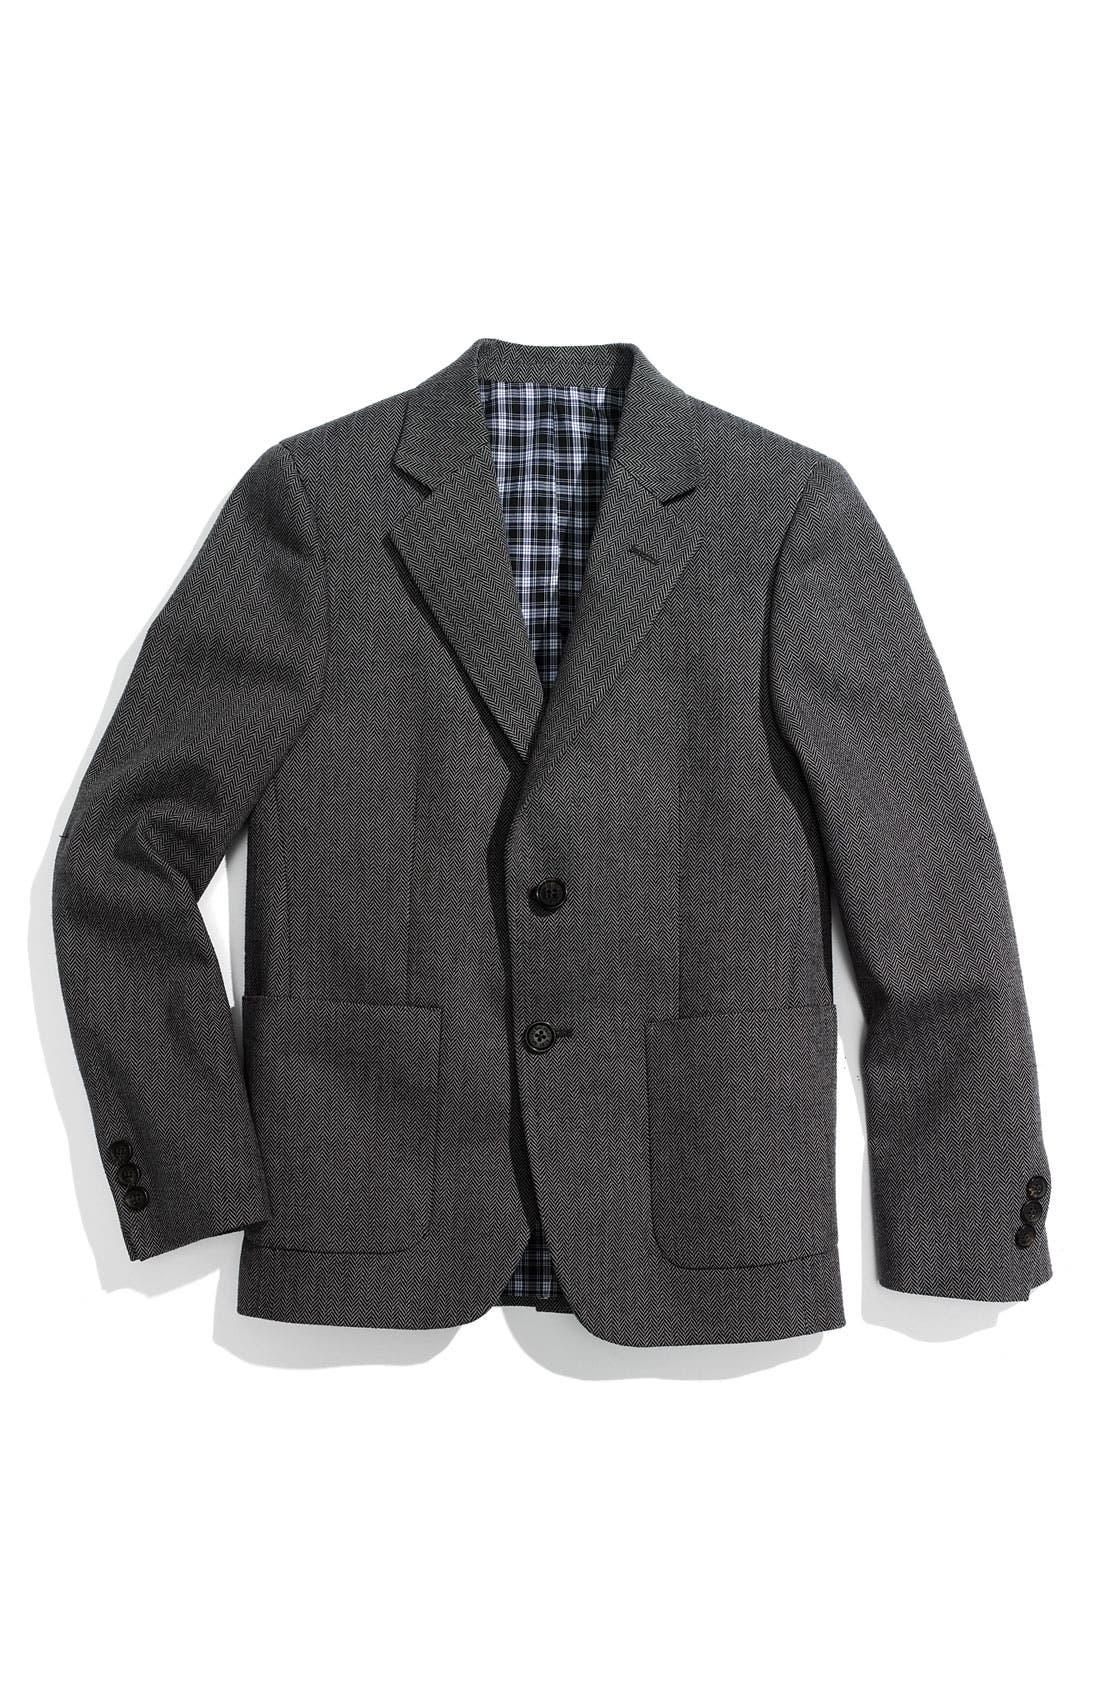 Alternate Image 1 Selected - Brooks Brothers Herringbone Jacket (Big Boys)